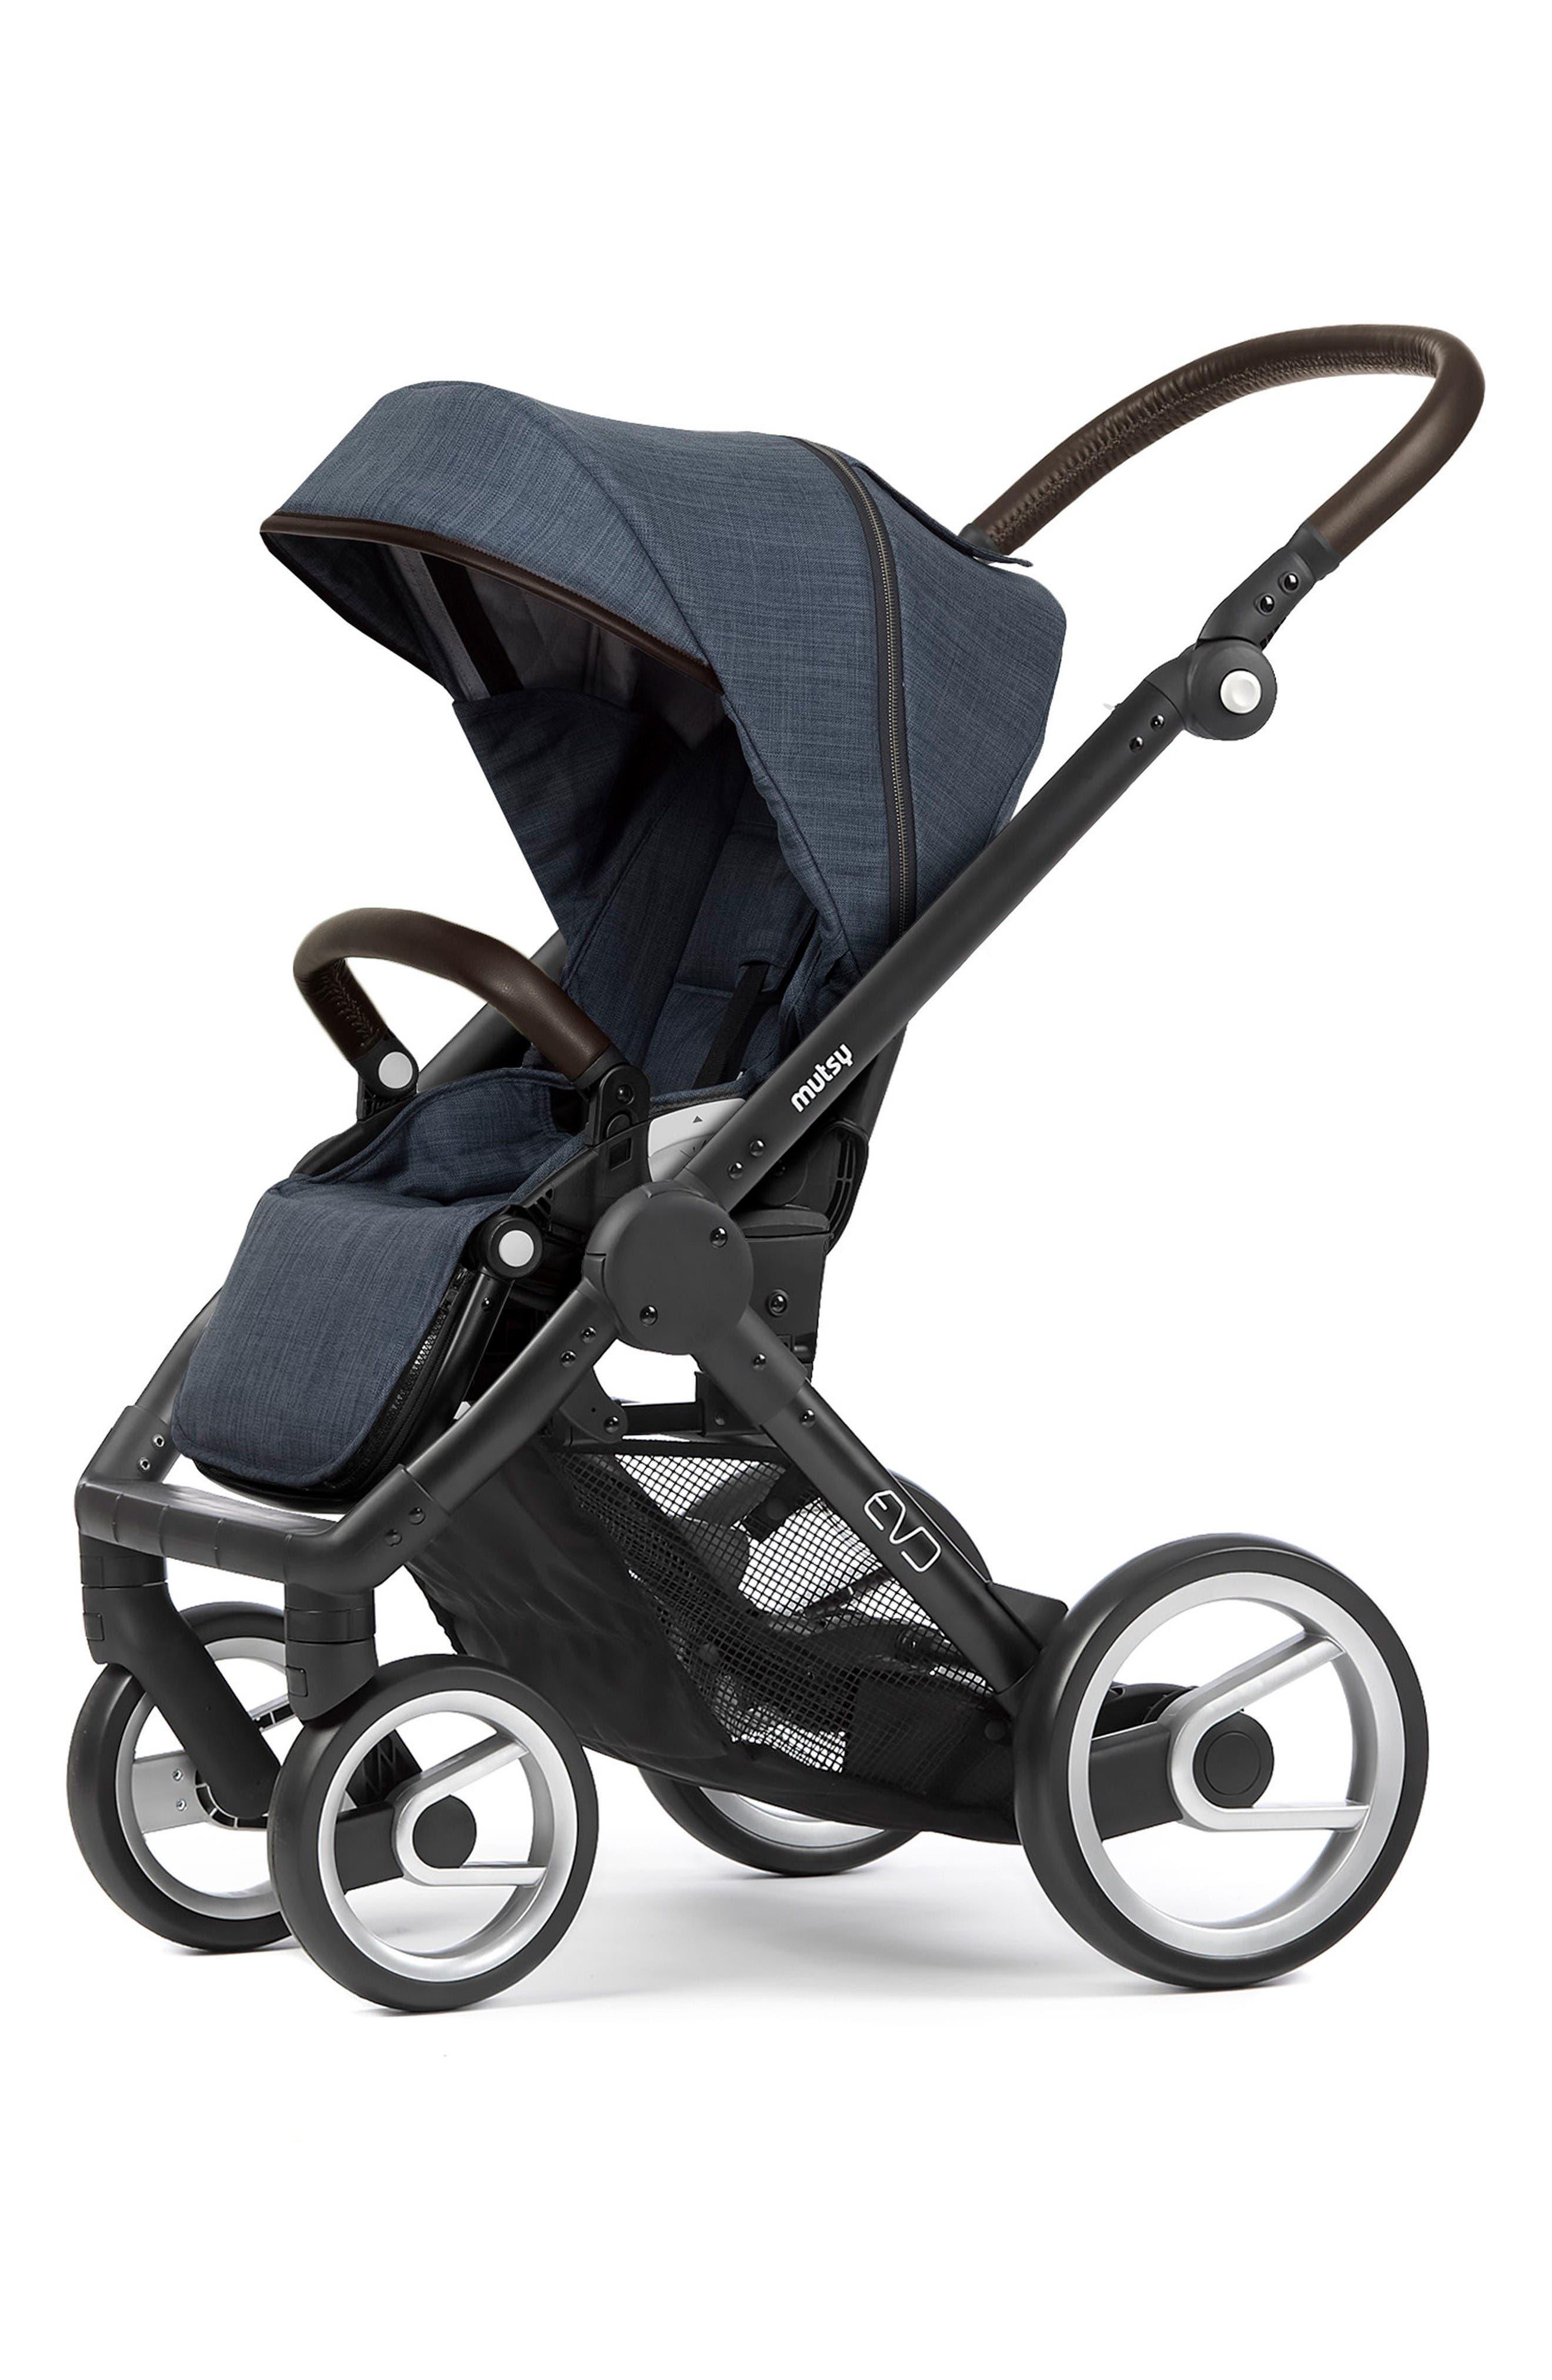 Mutsy Evo - Farmer Earth Stroller